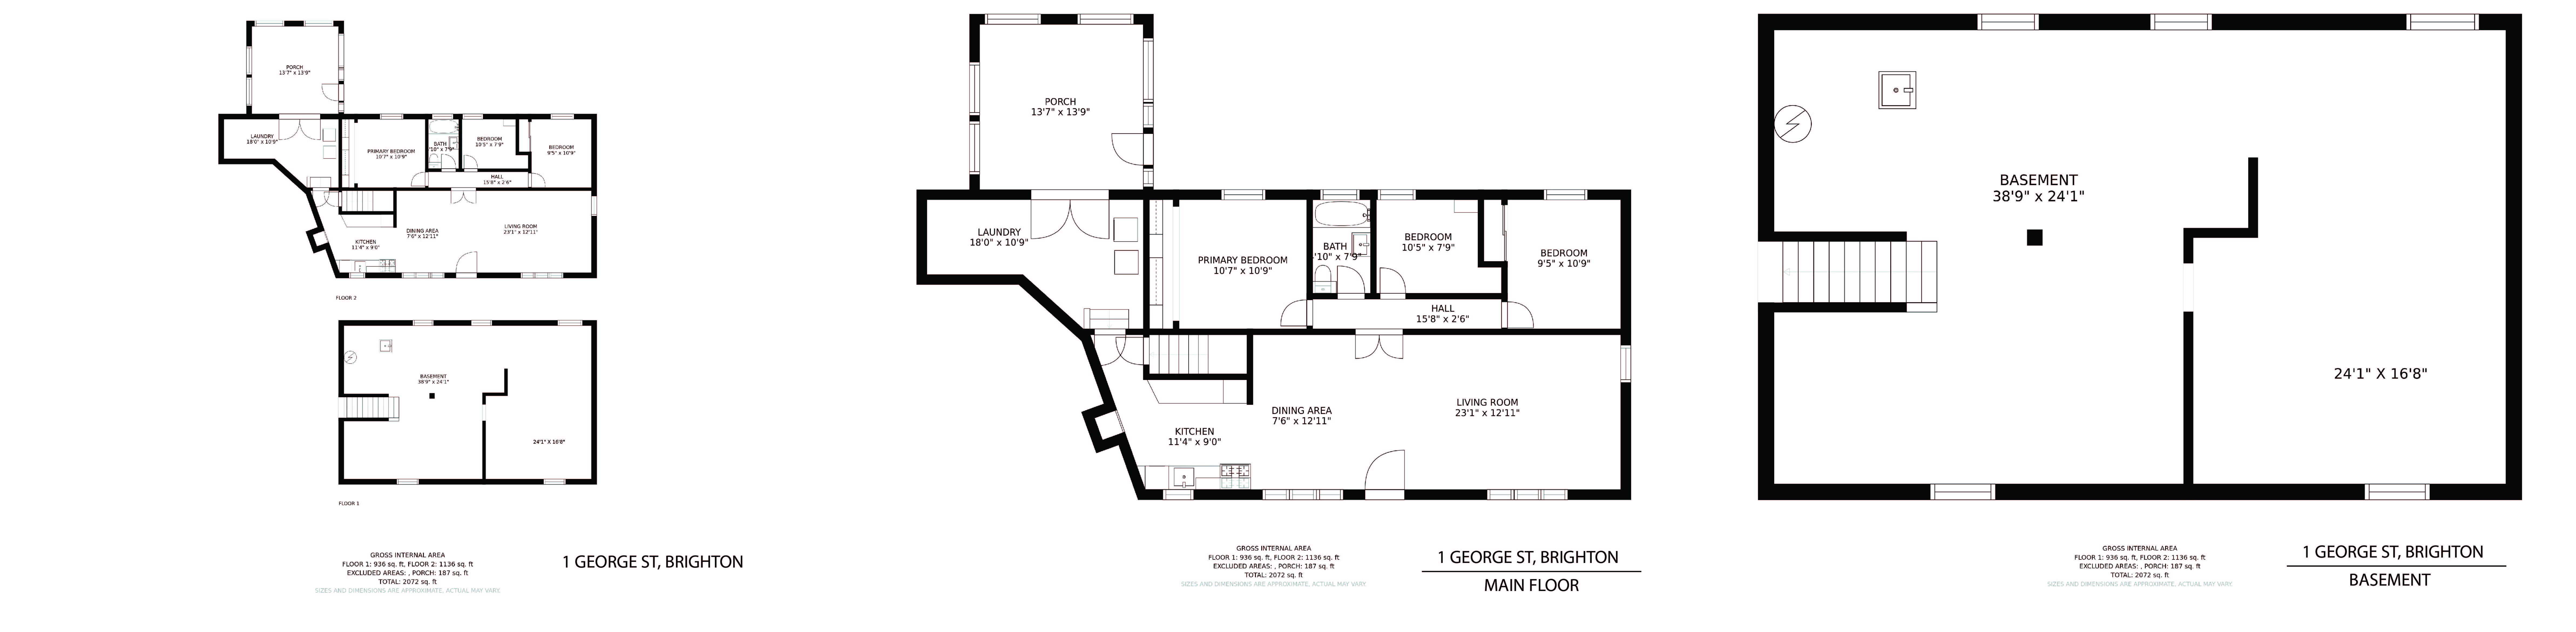 1 George Street floorplan